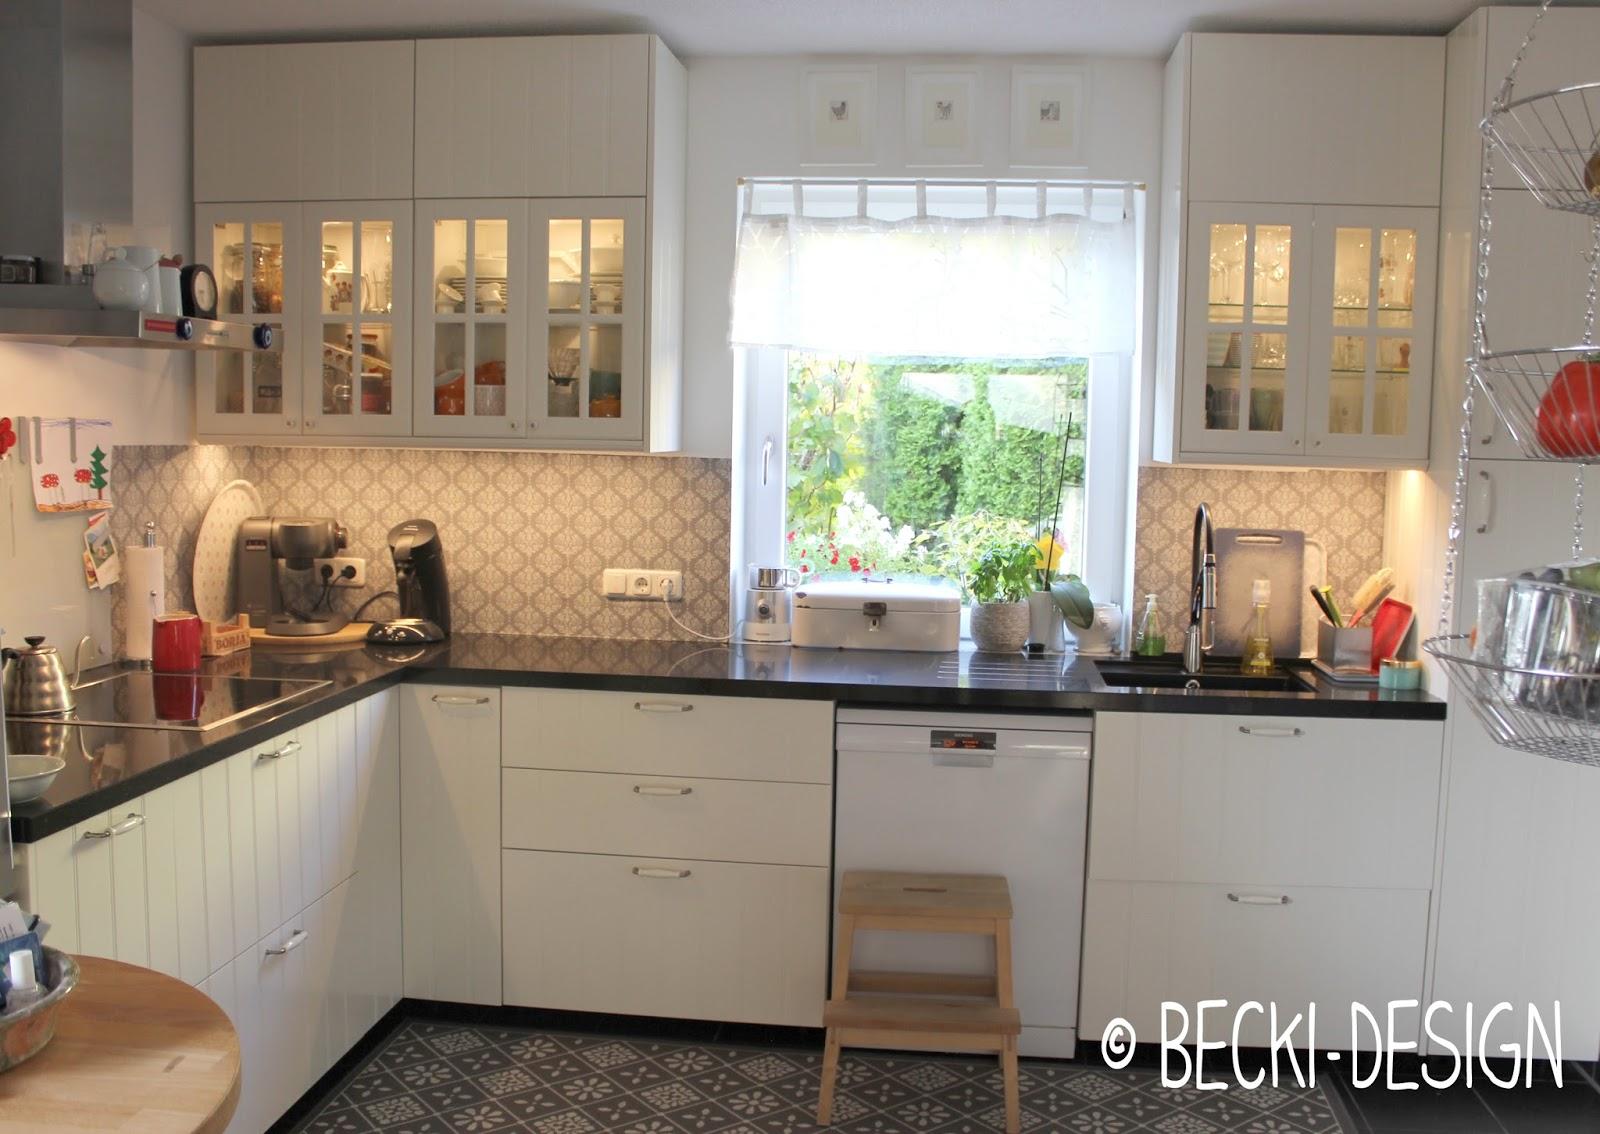 unsere neue Küche - eine Odysee - Becki-Design